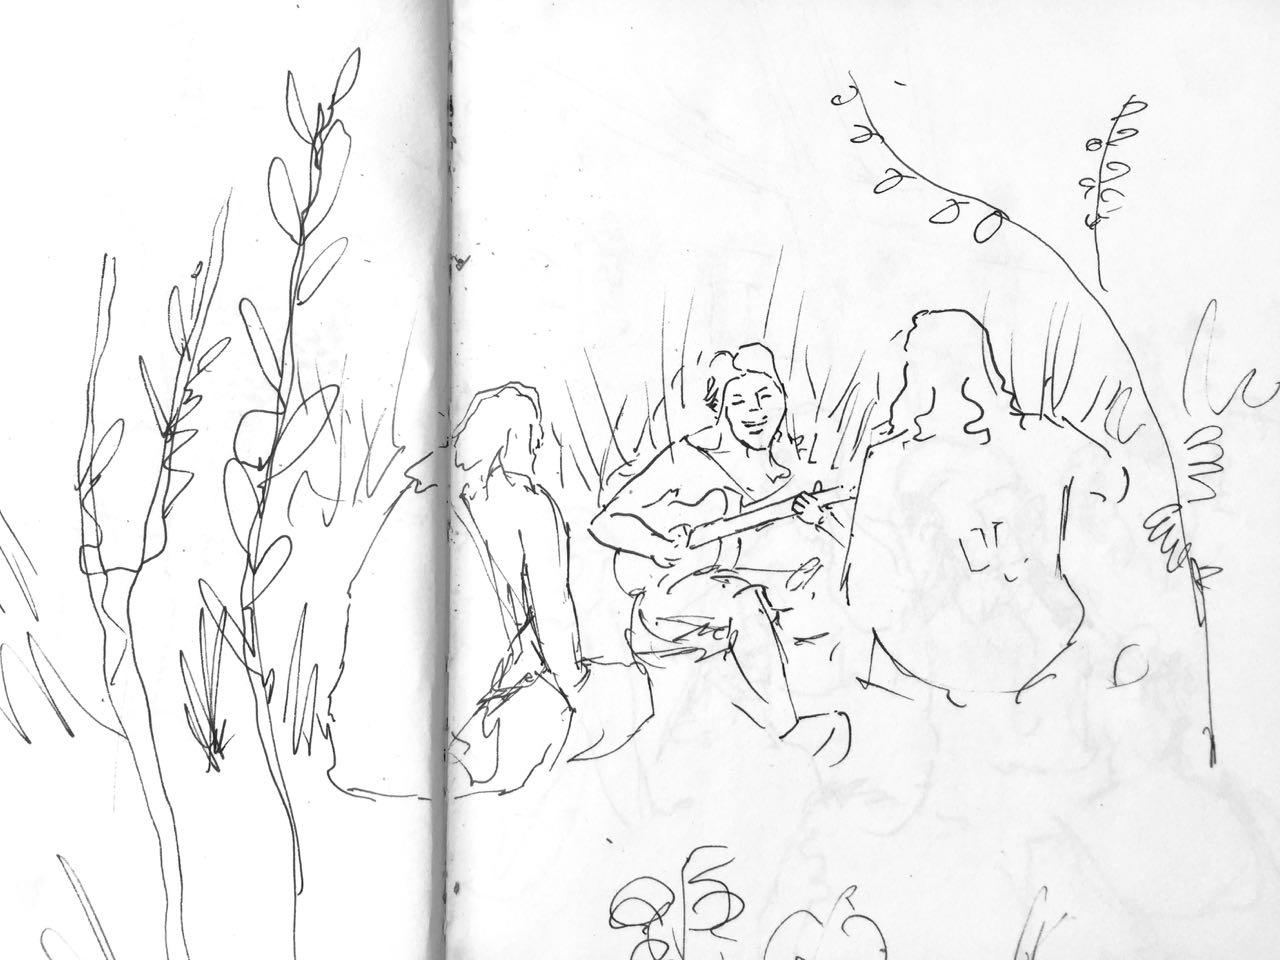 Sasha singing in the reeds.